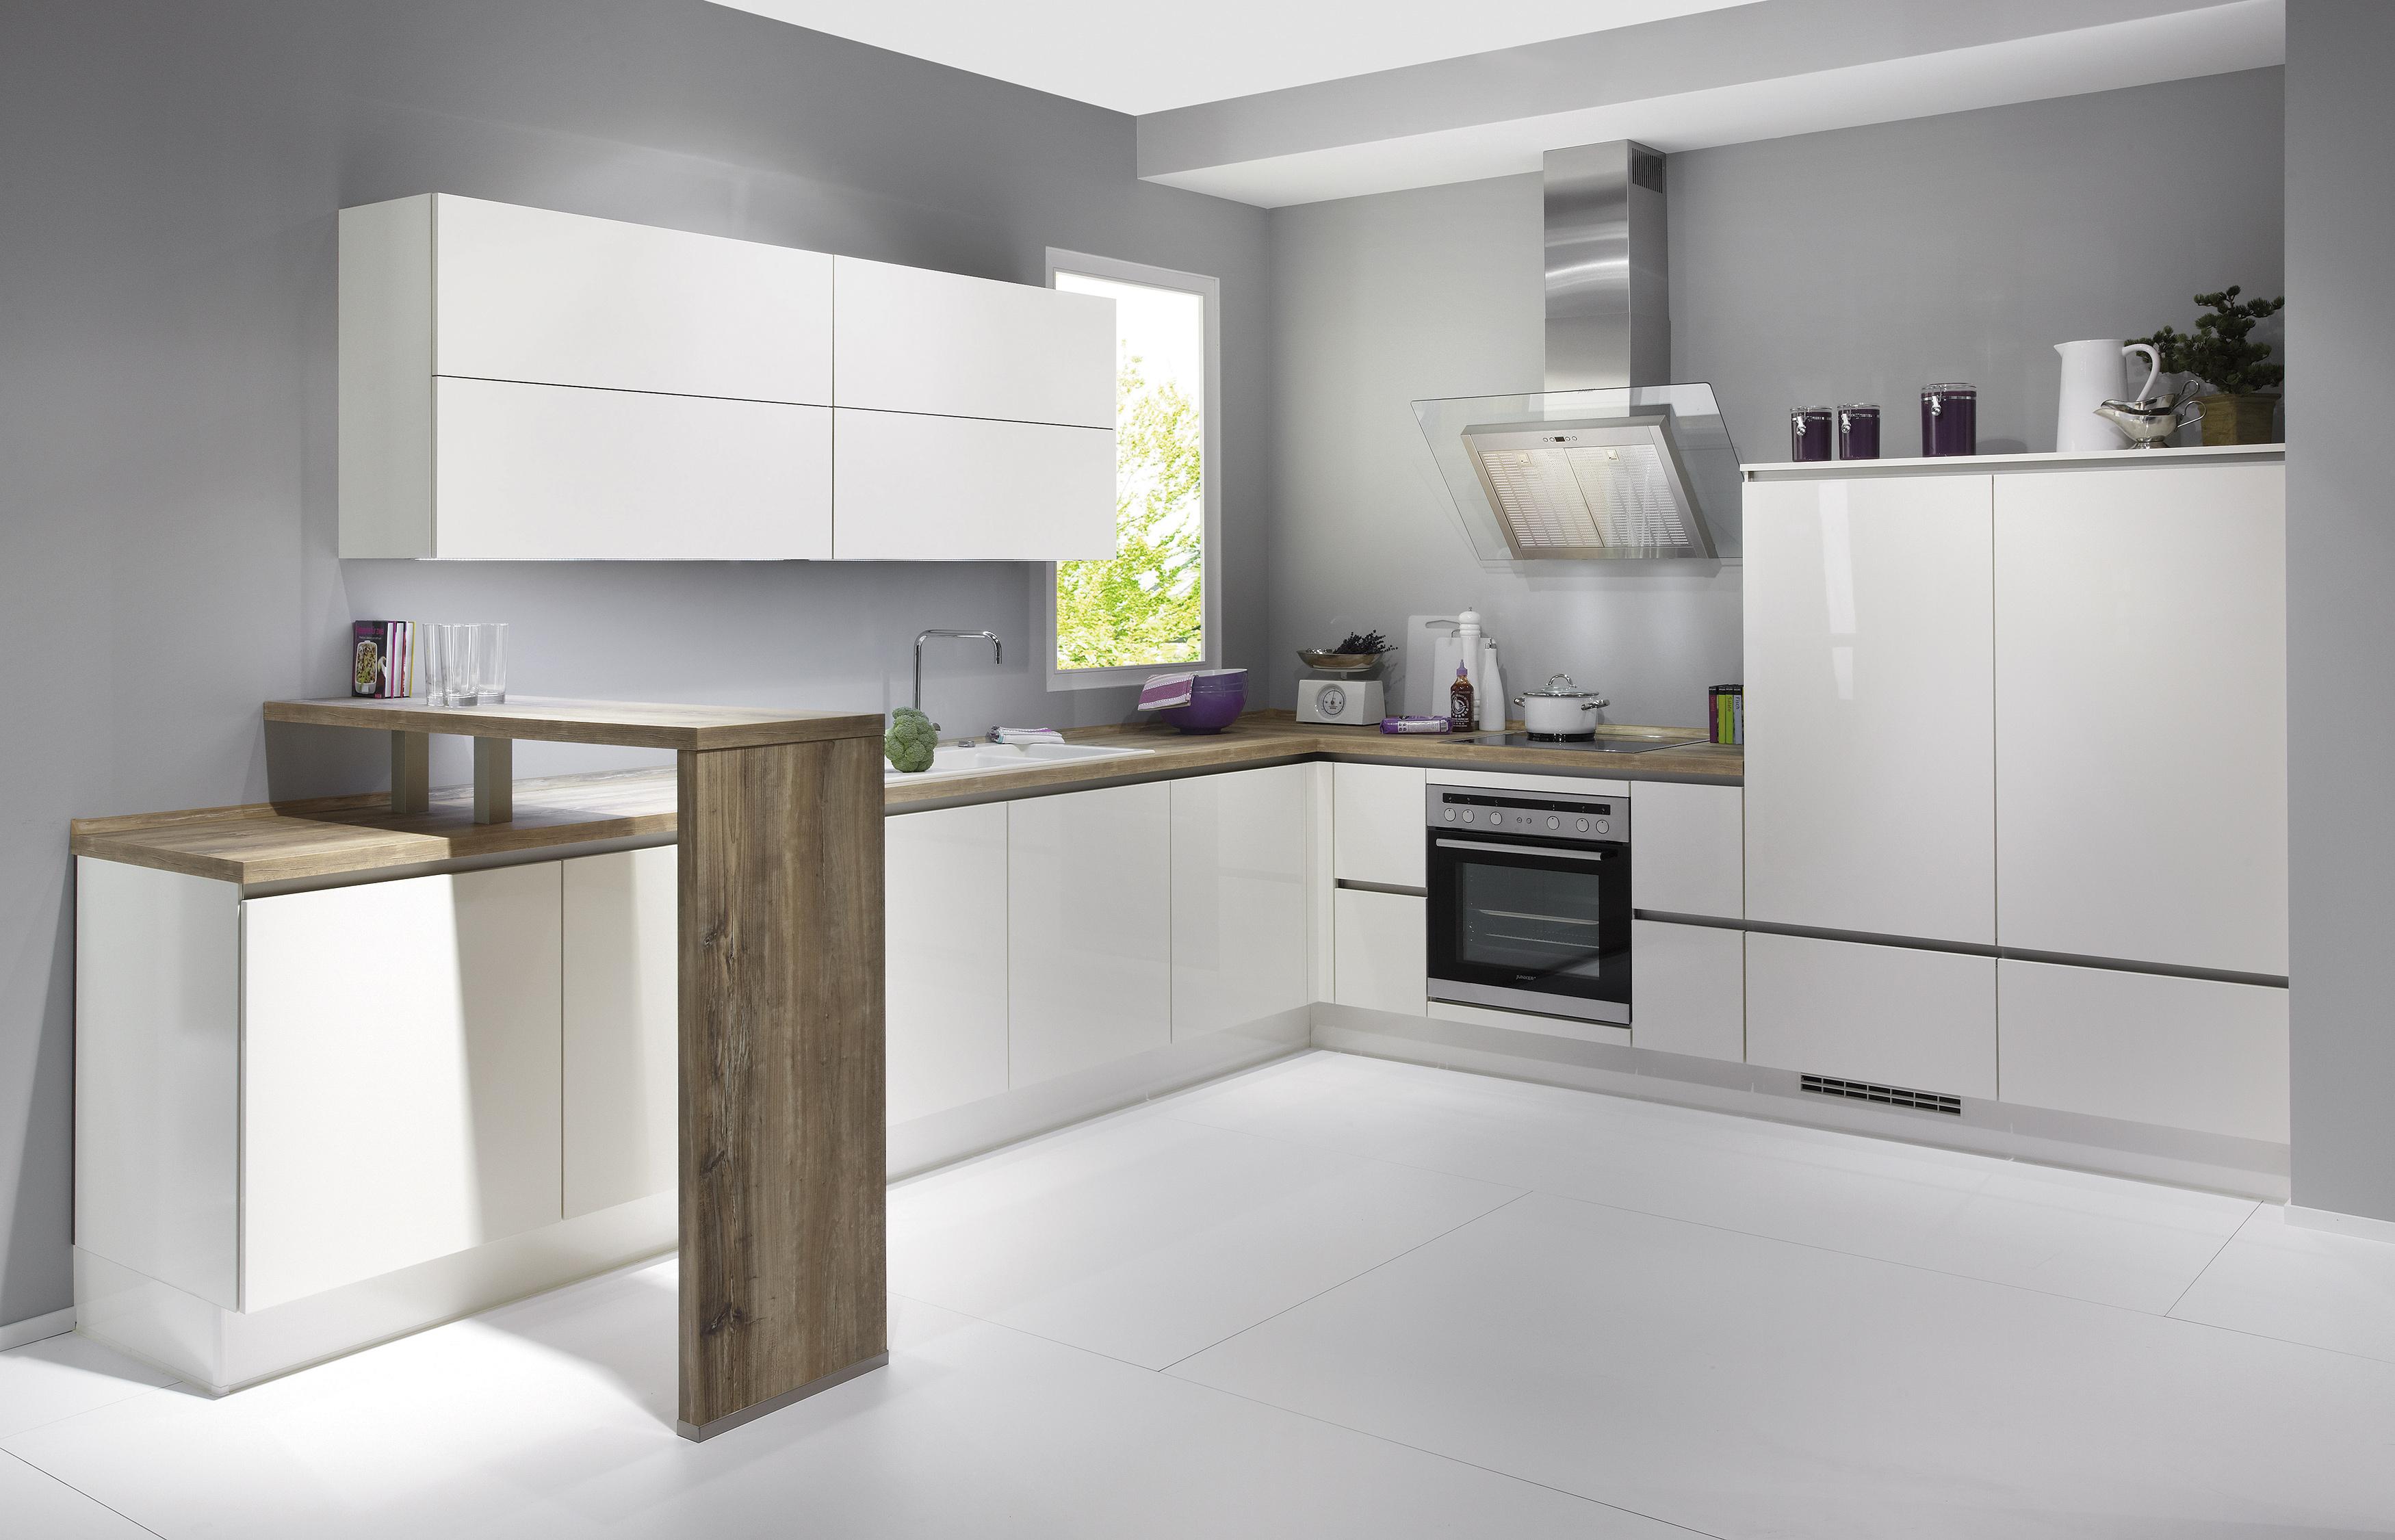 Decotips las cocinas que triunfan virlova style Fotos de cocina